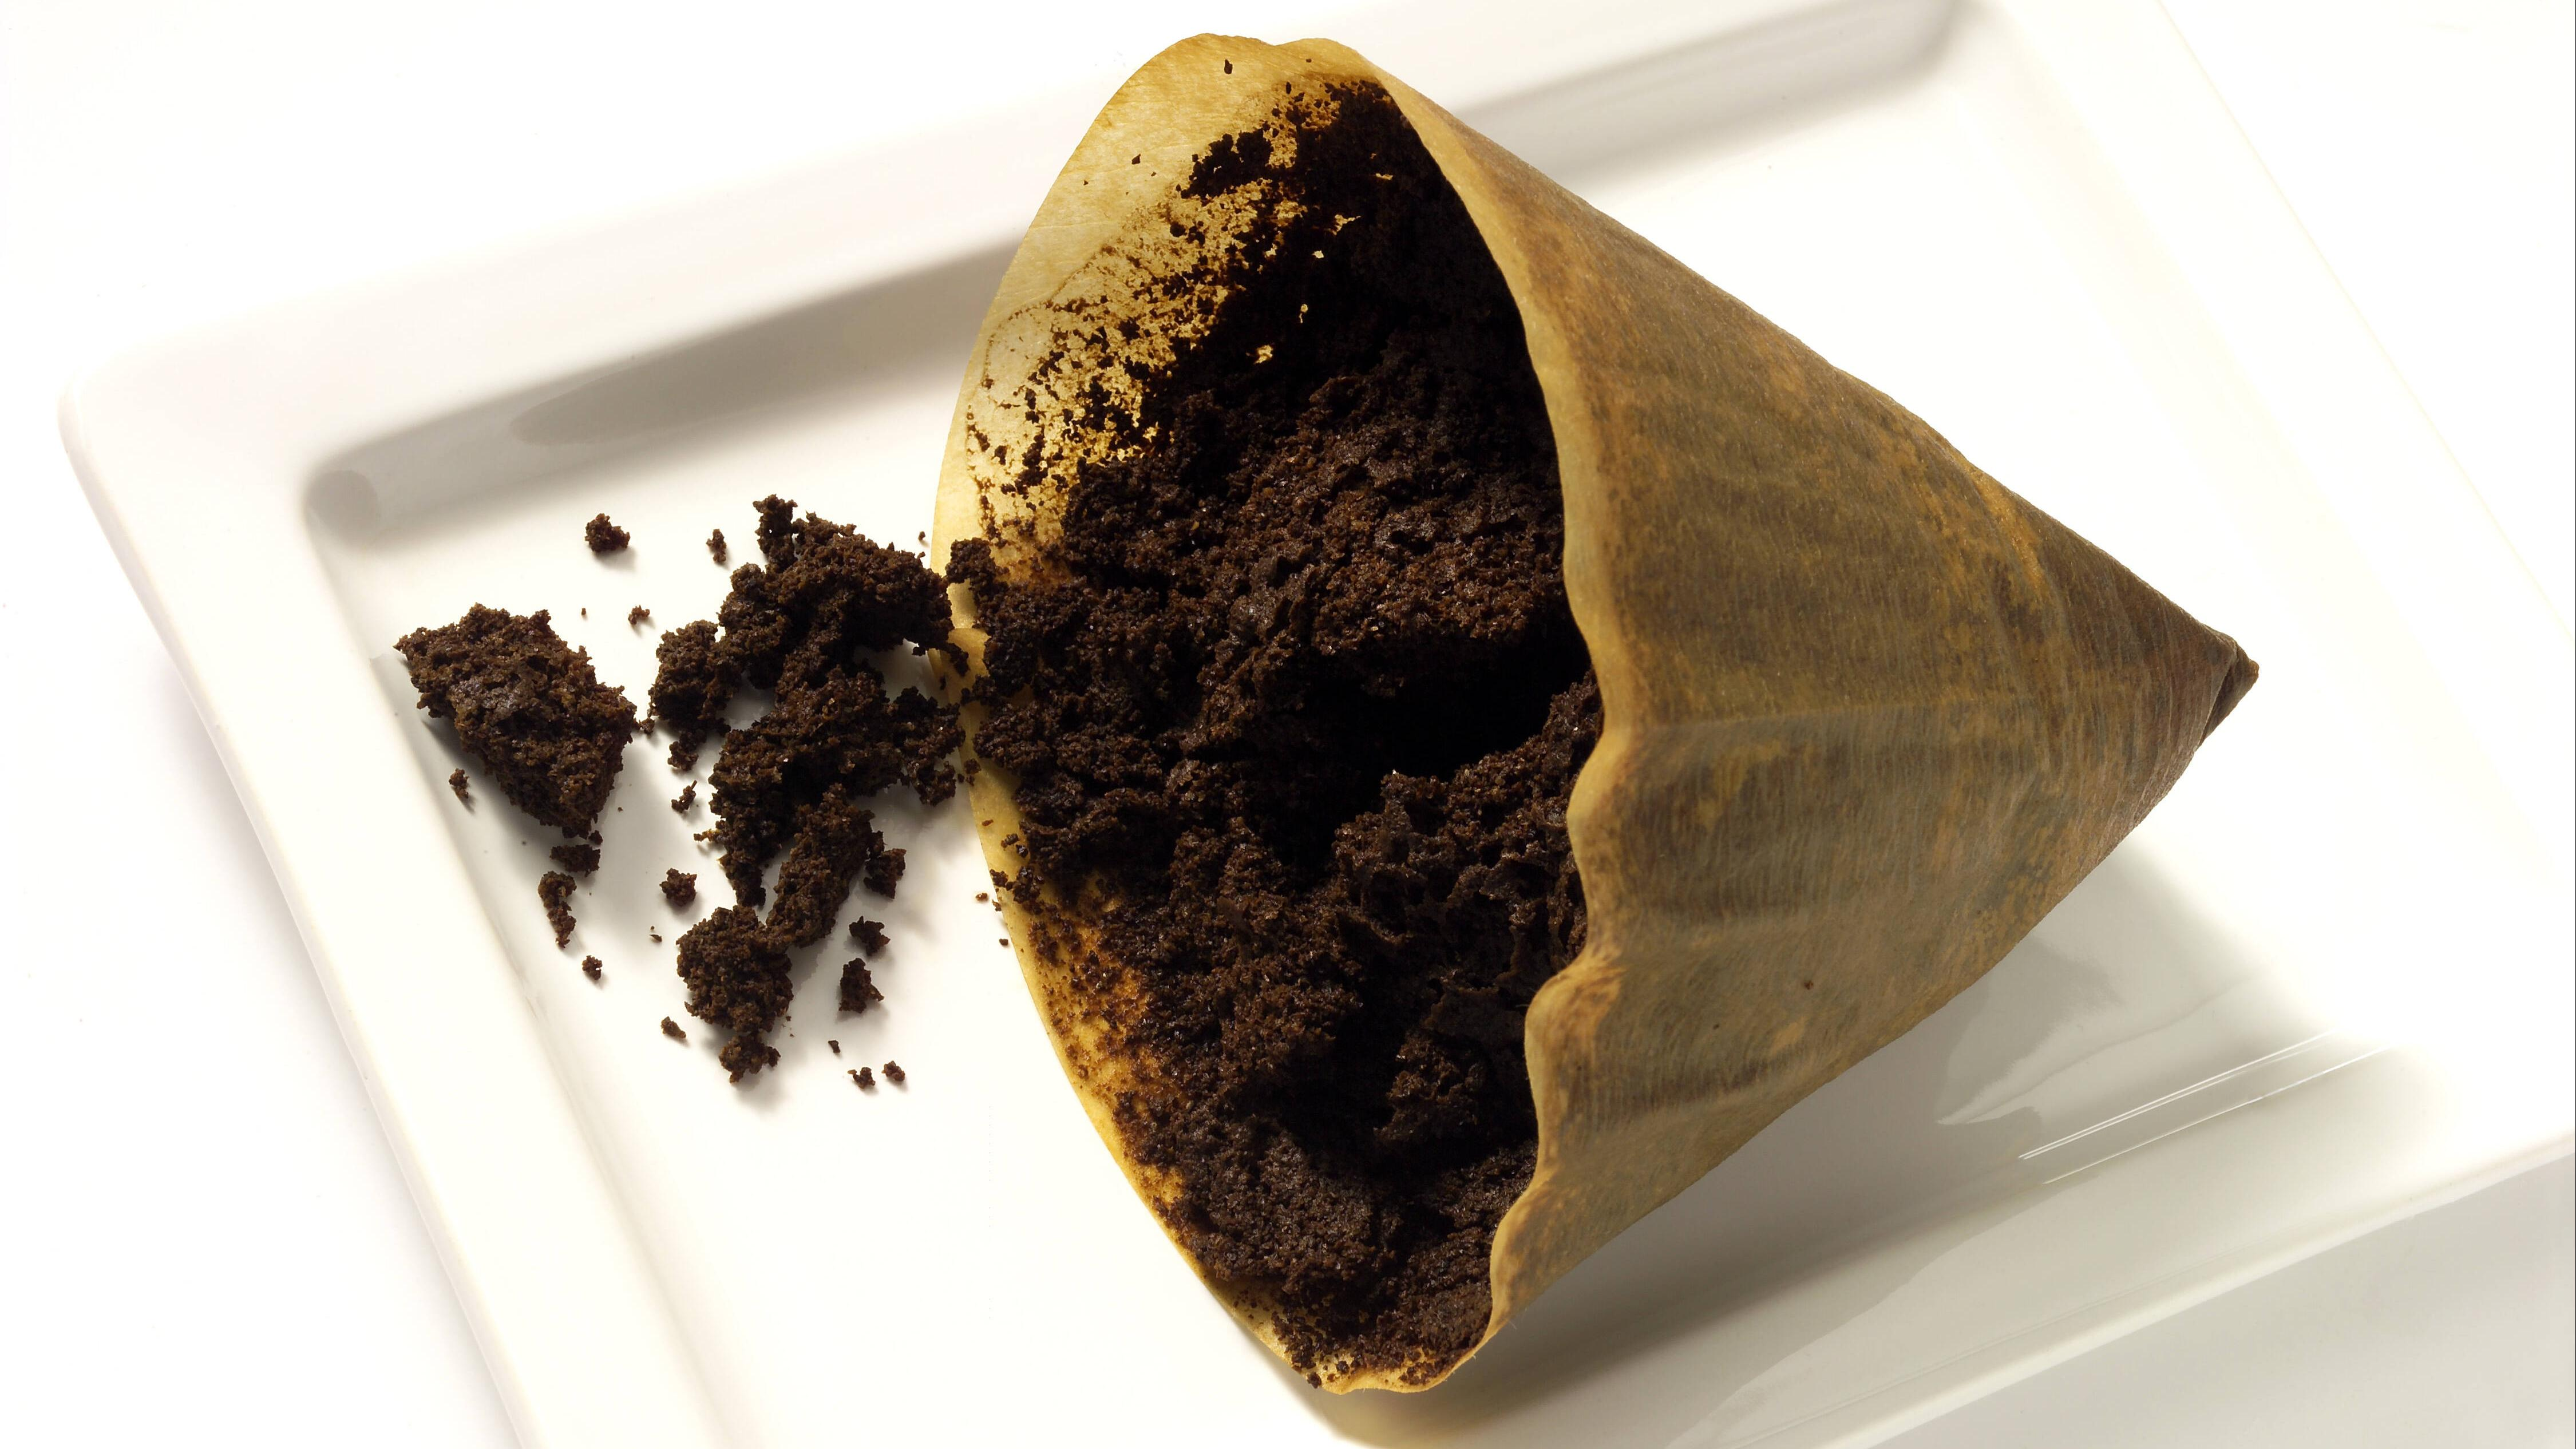 kaffeefilter,kaffeesatz *** coffee filter,coffee grounds fmy-h4u